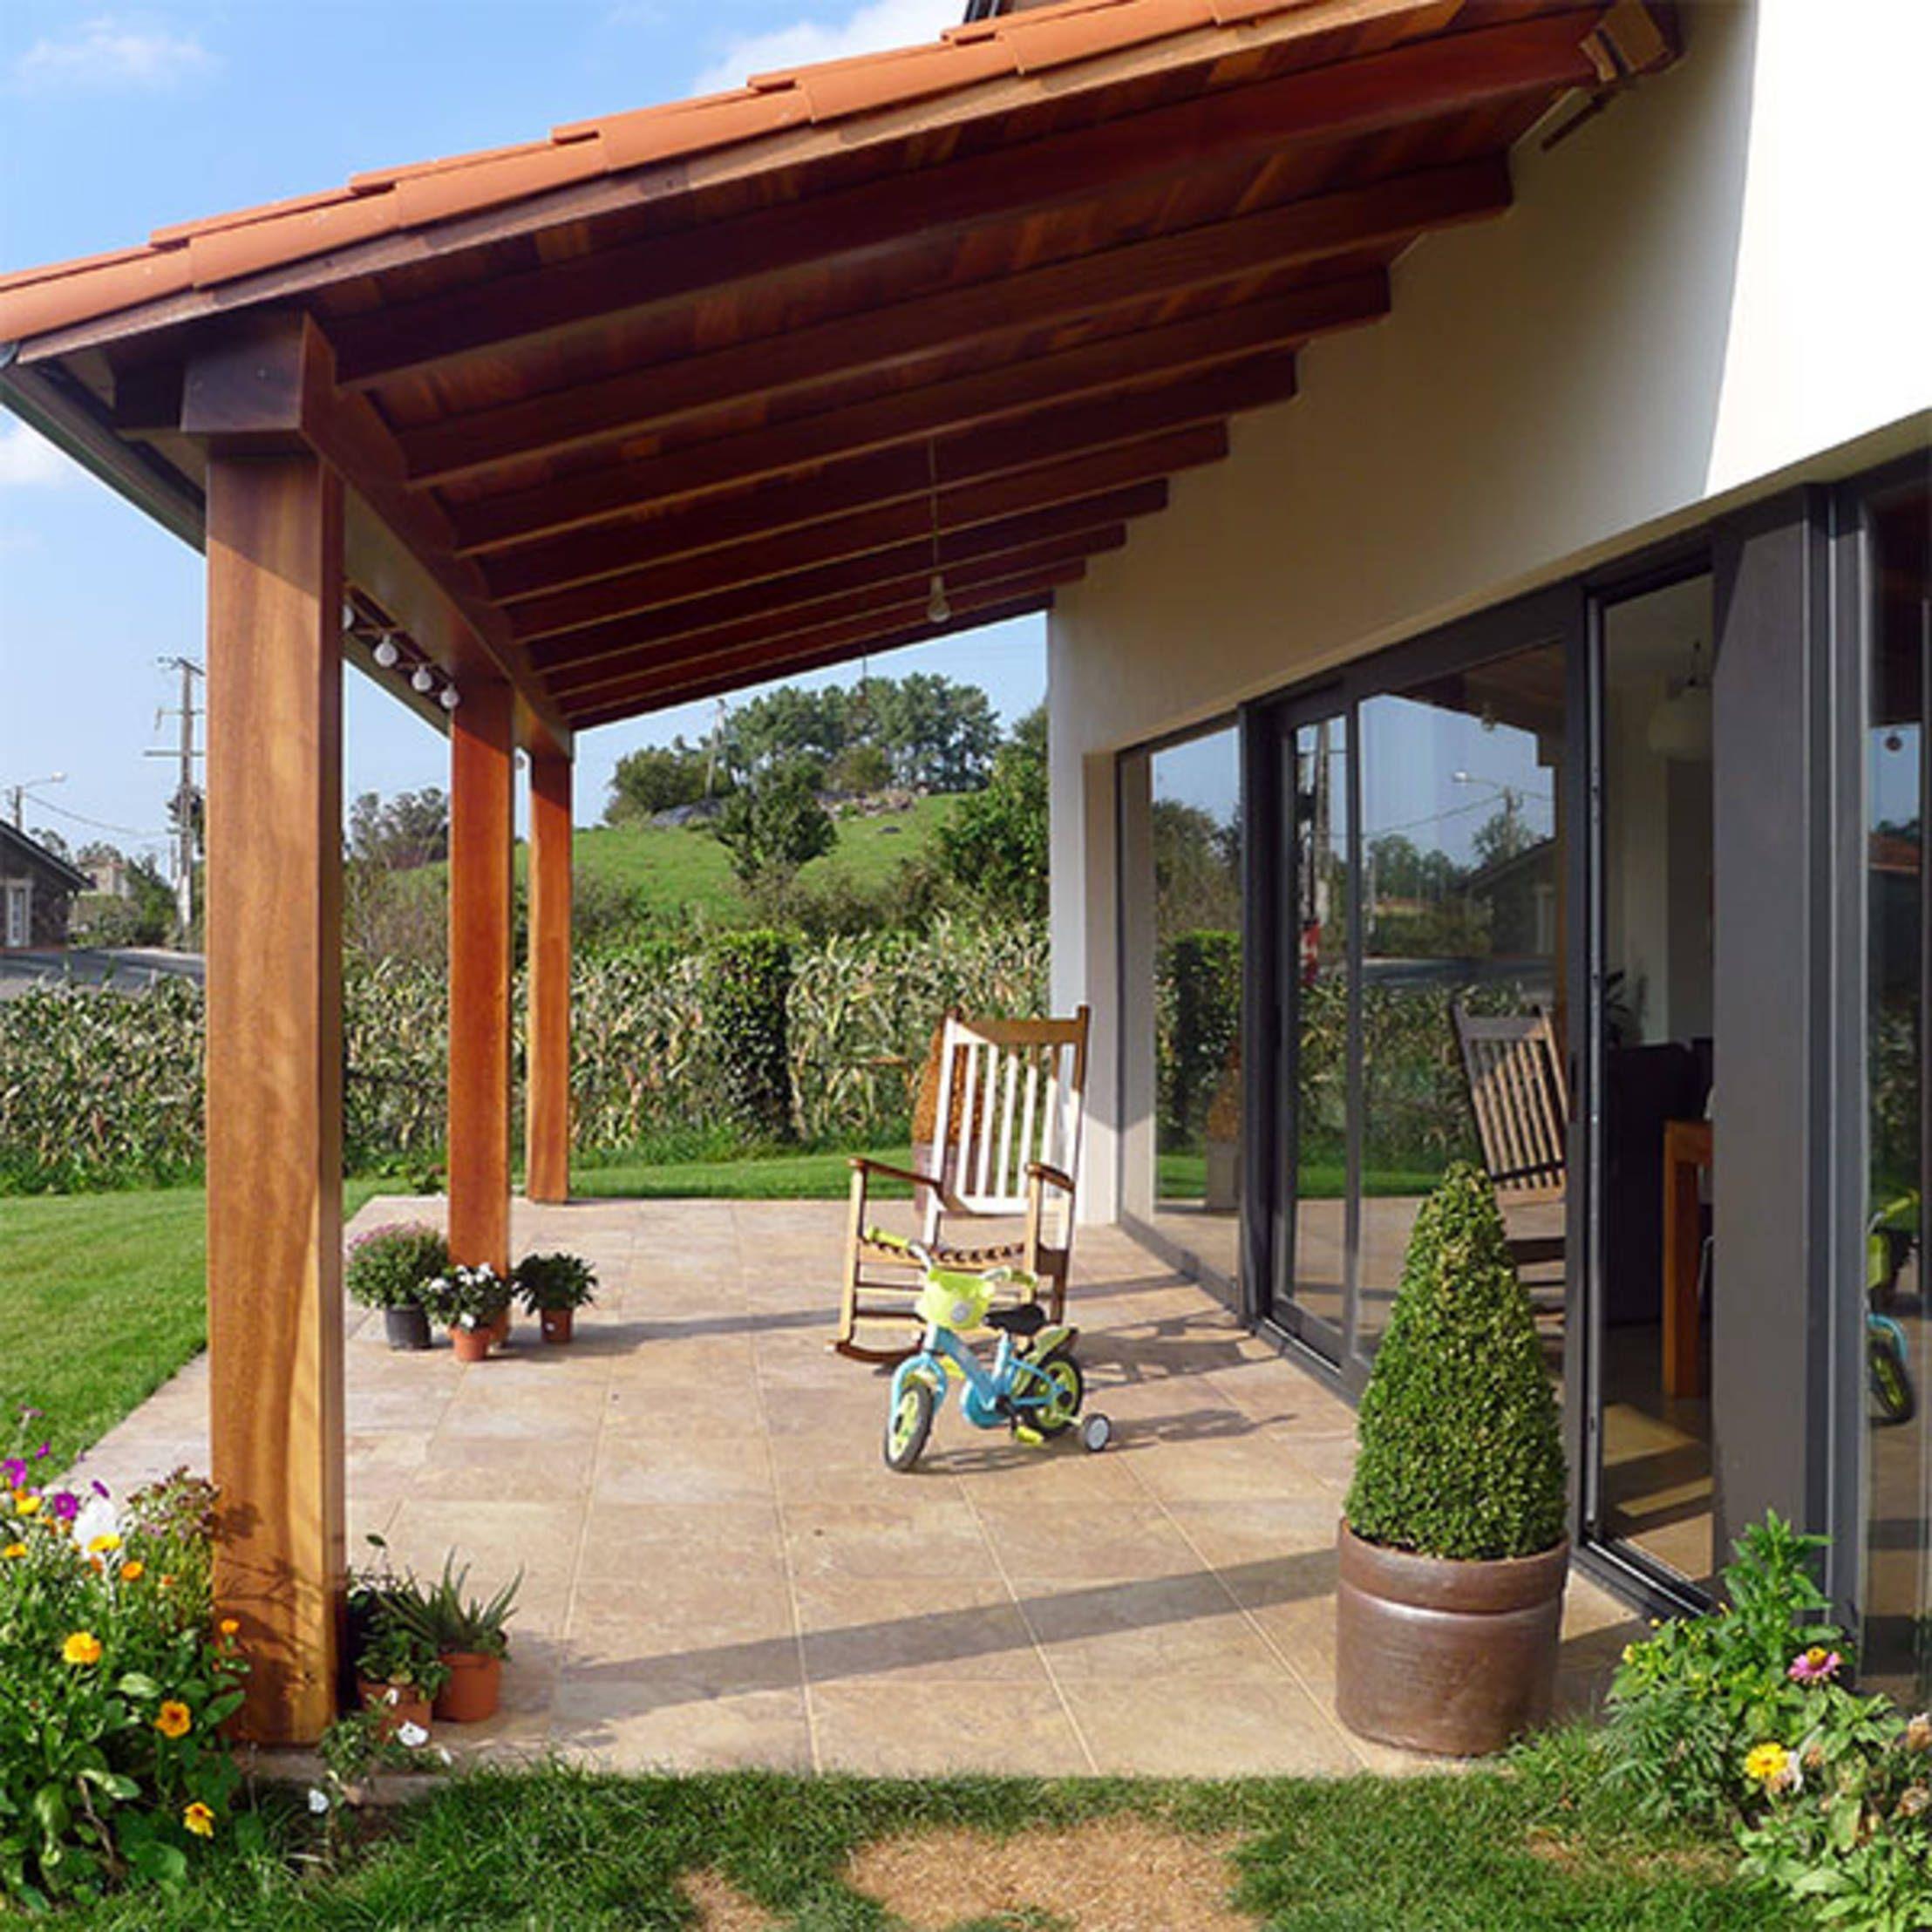 Coperture Gazebo In Policarbonato mały domek - dużo przytulności   patio, pergola, outdoor